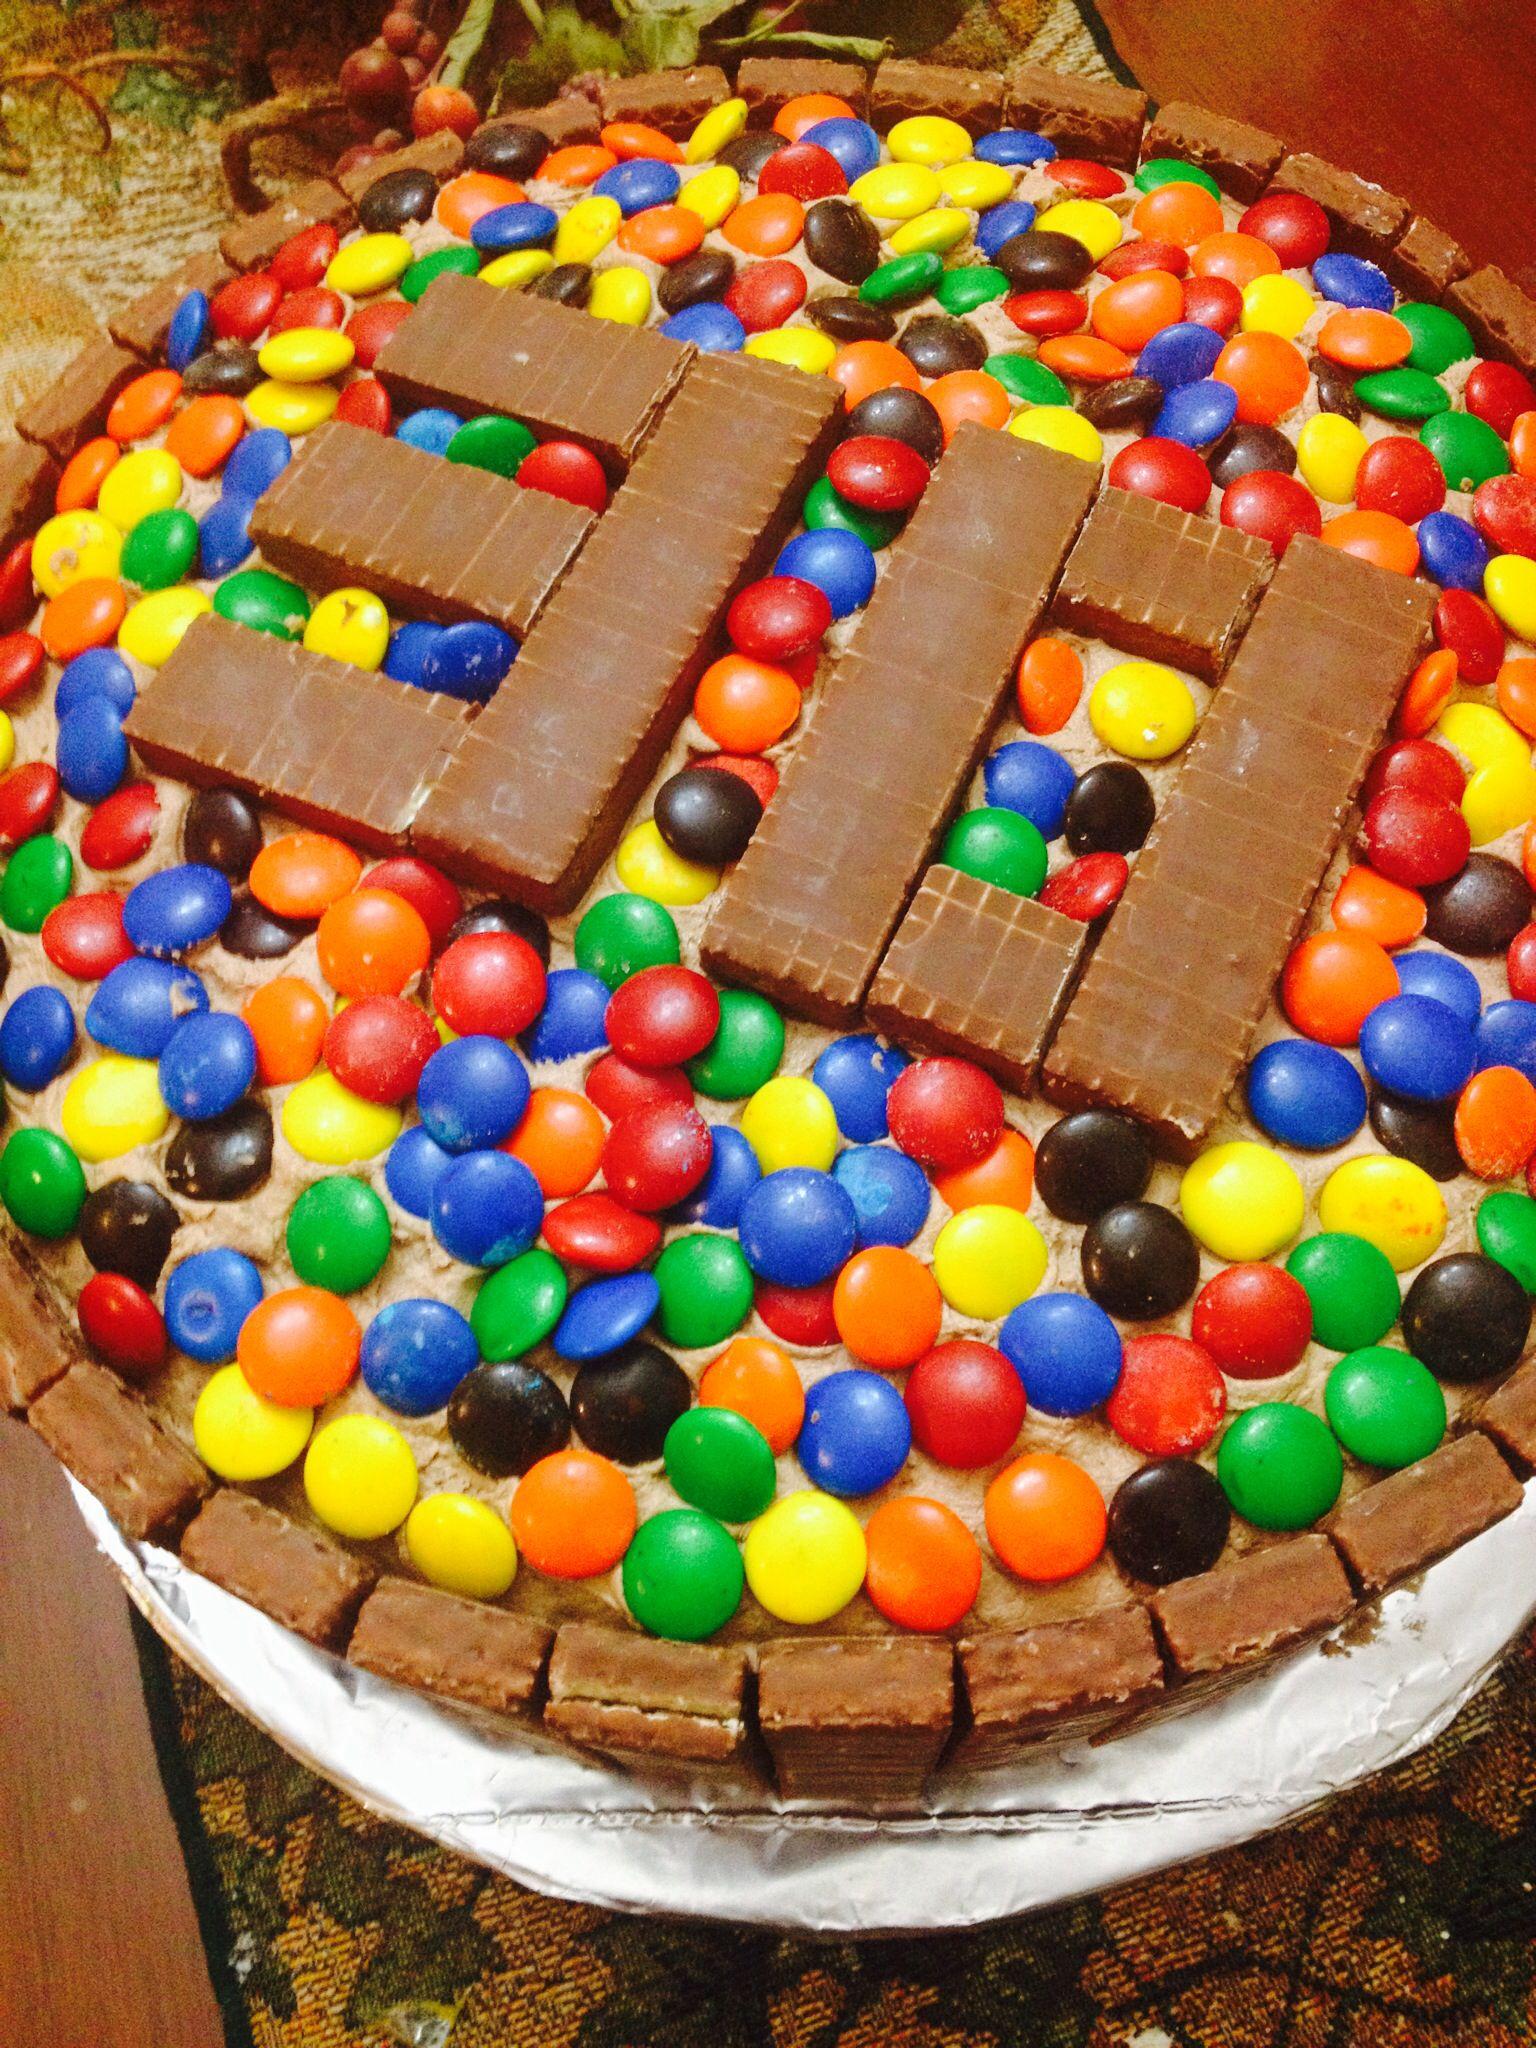 Pastel de cumplea os de mi hermano chocolate 30 a os - 30 cumpleanos ideas ...